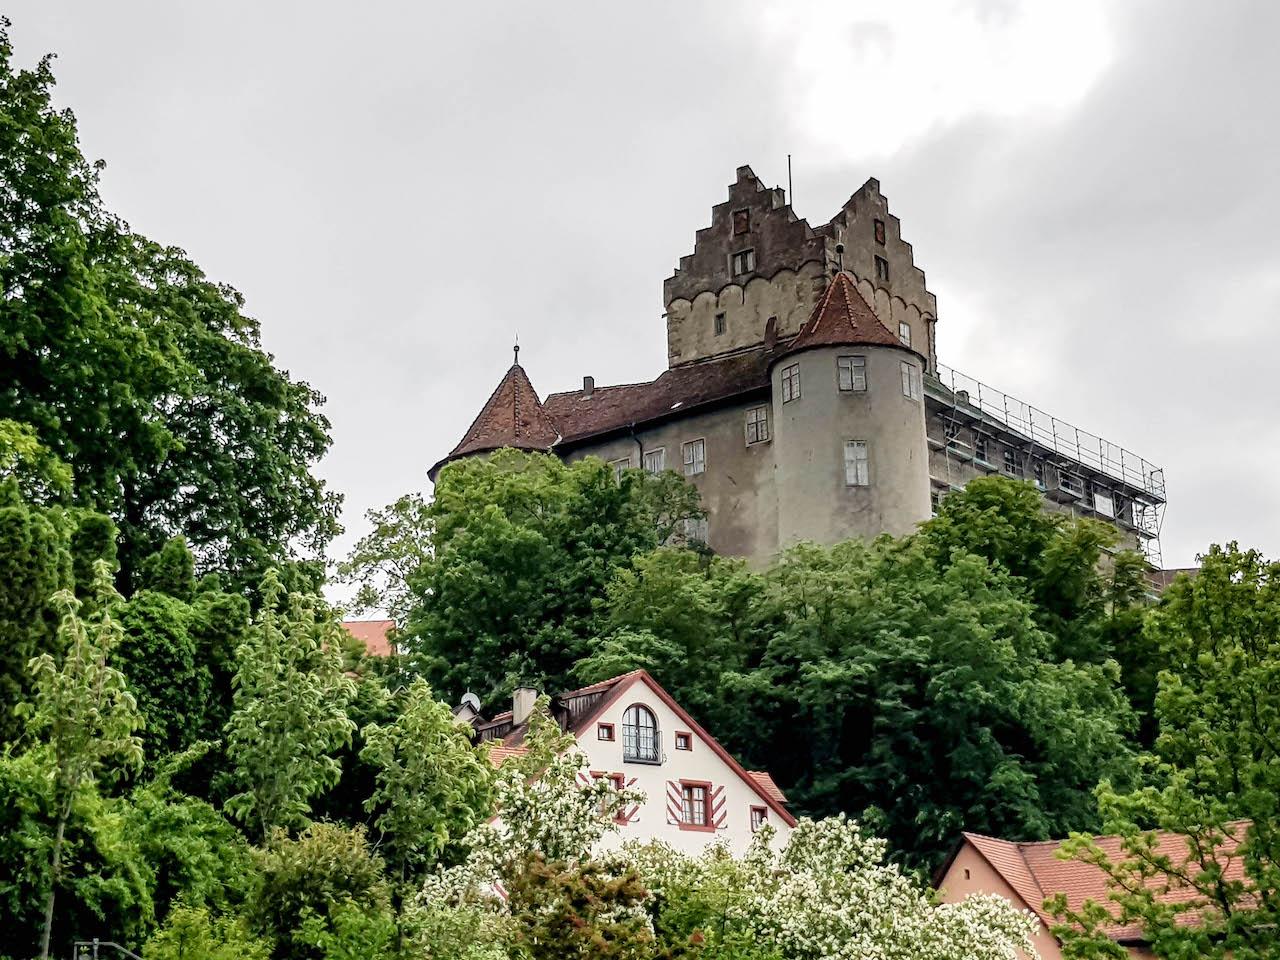 Die Burg von Meersburg.